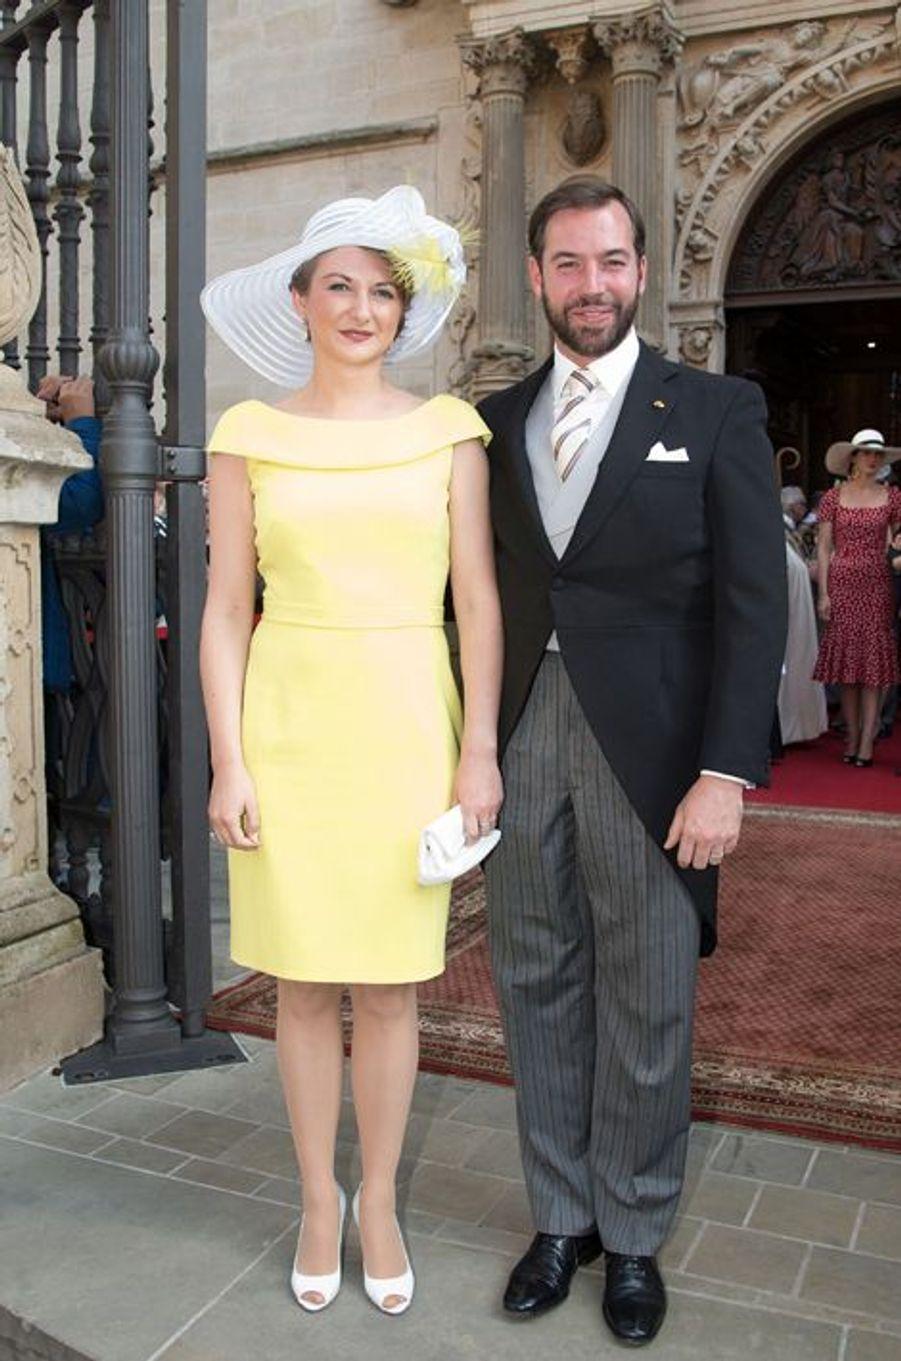 La princesse Stéphanie et le prince Guillaume à Luxembourg, le 23 juin 2015